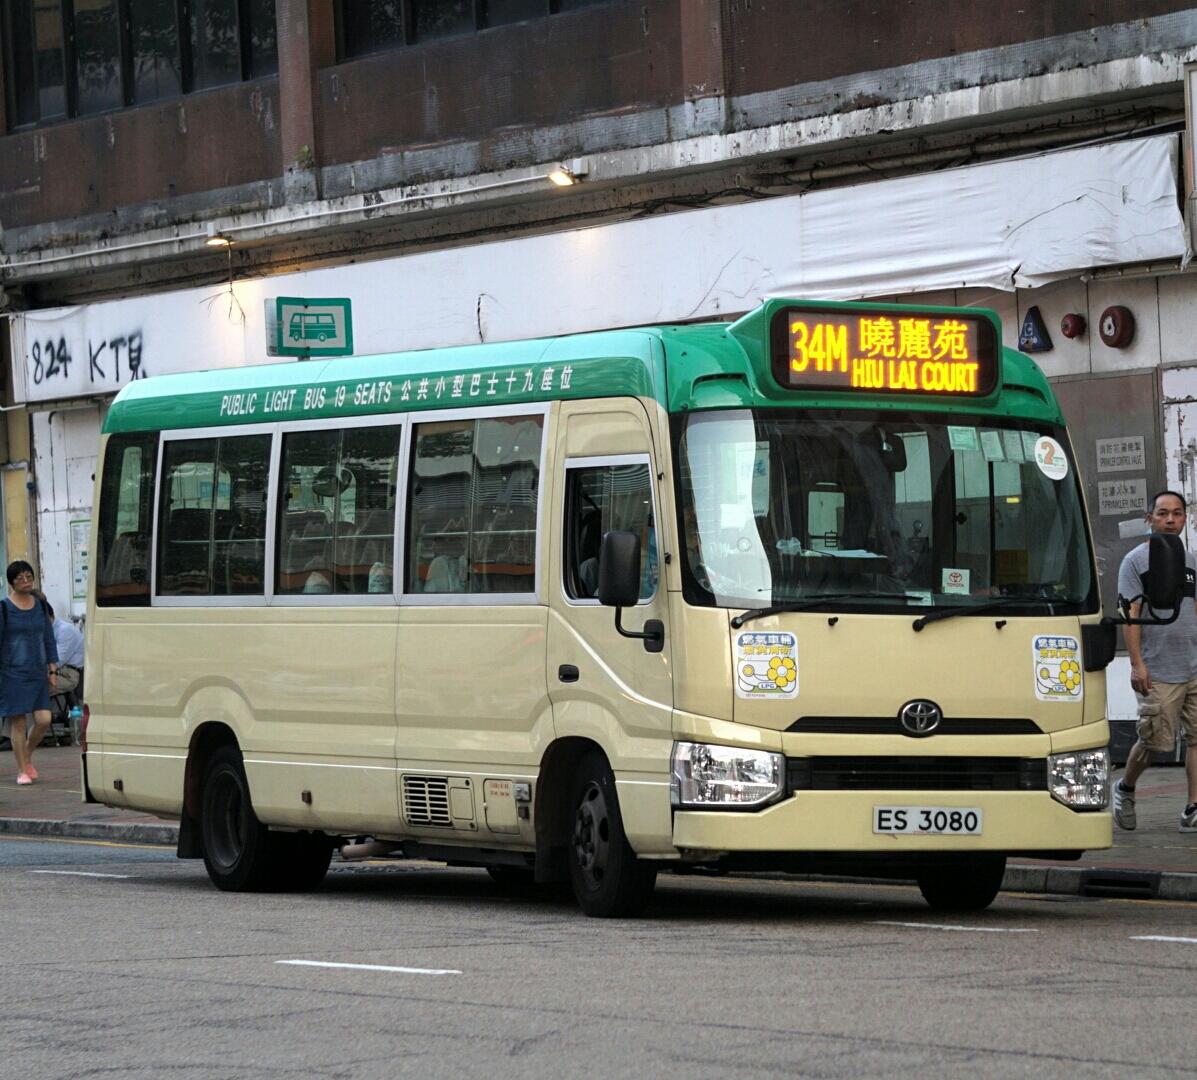 九龍區專線小巴34M線 - 維基百科,自由的百科全書